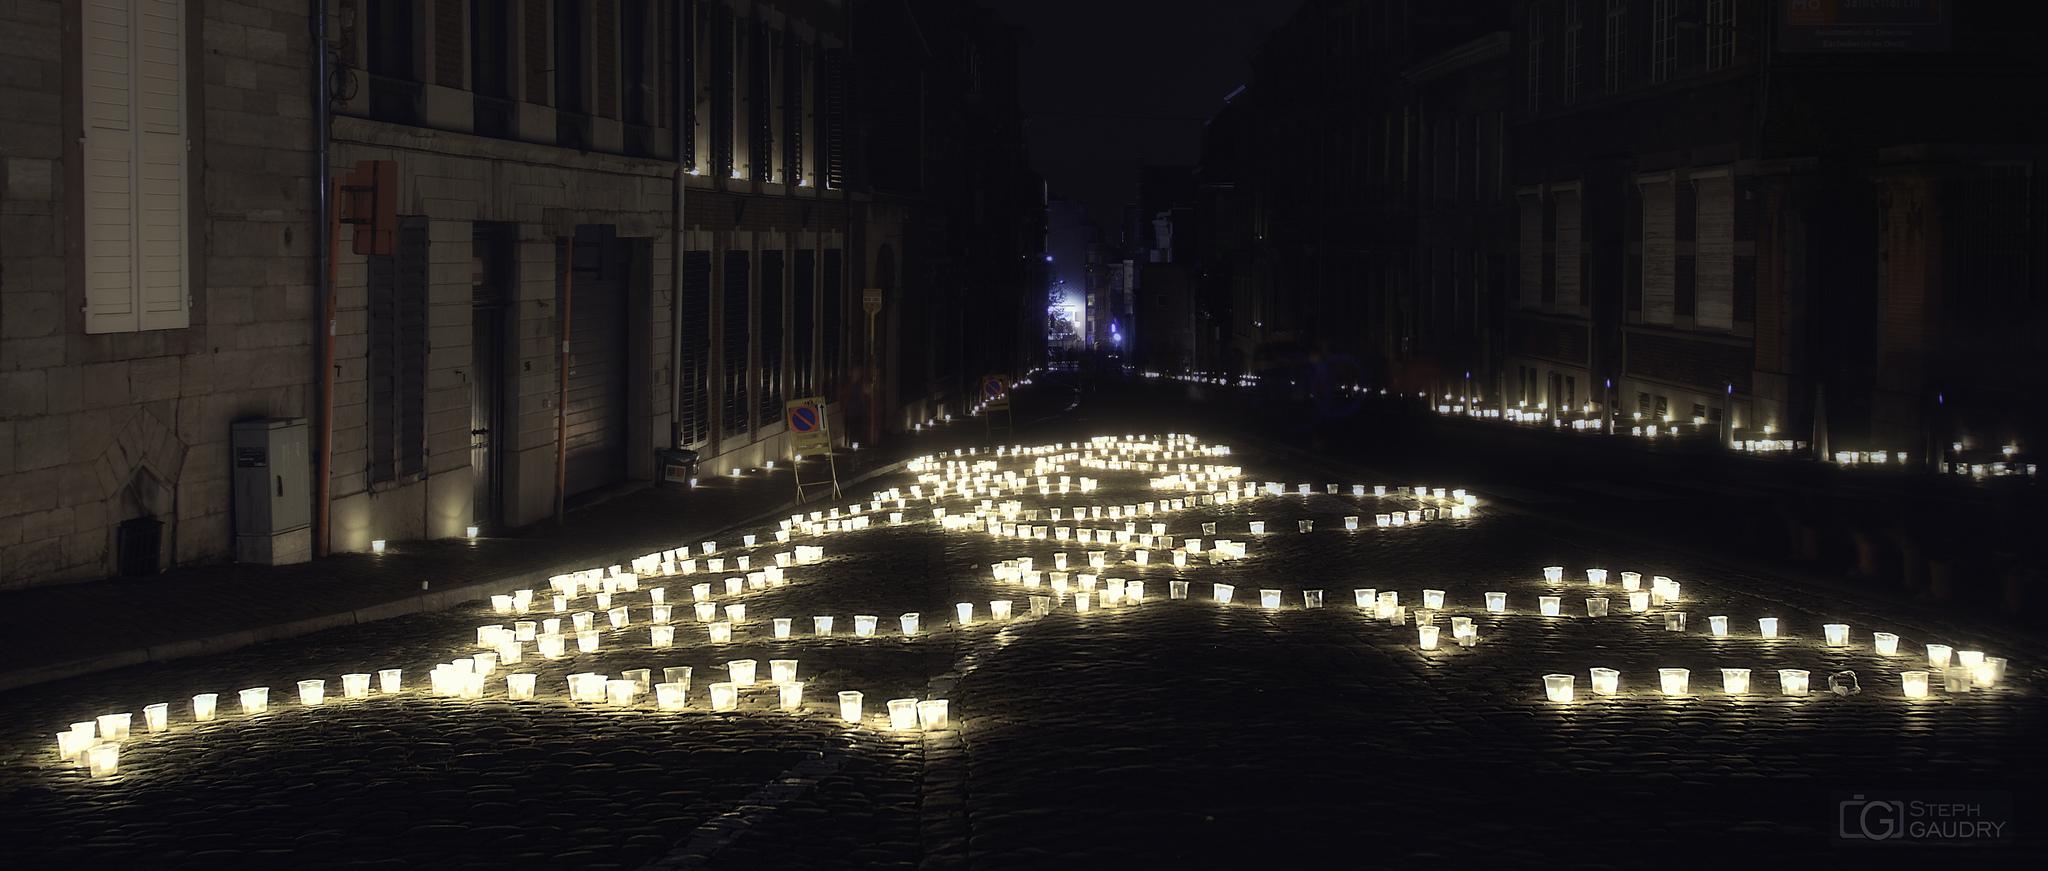 Liège, la nocturne des coteaux - St Martin [Click to start slideshow]